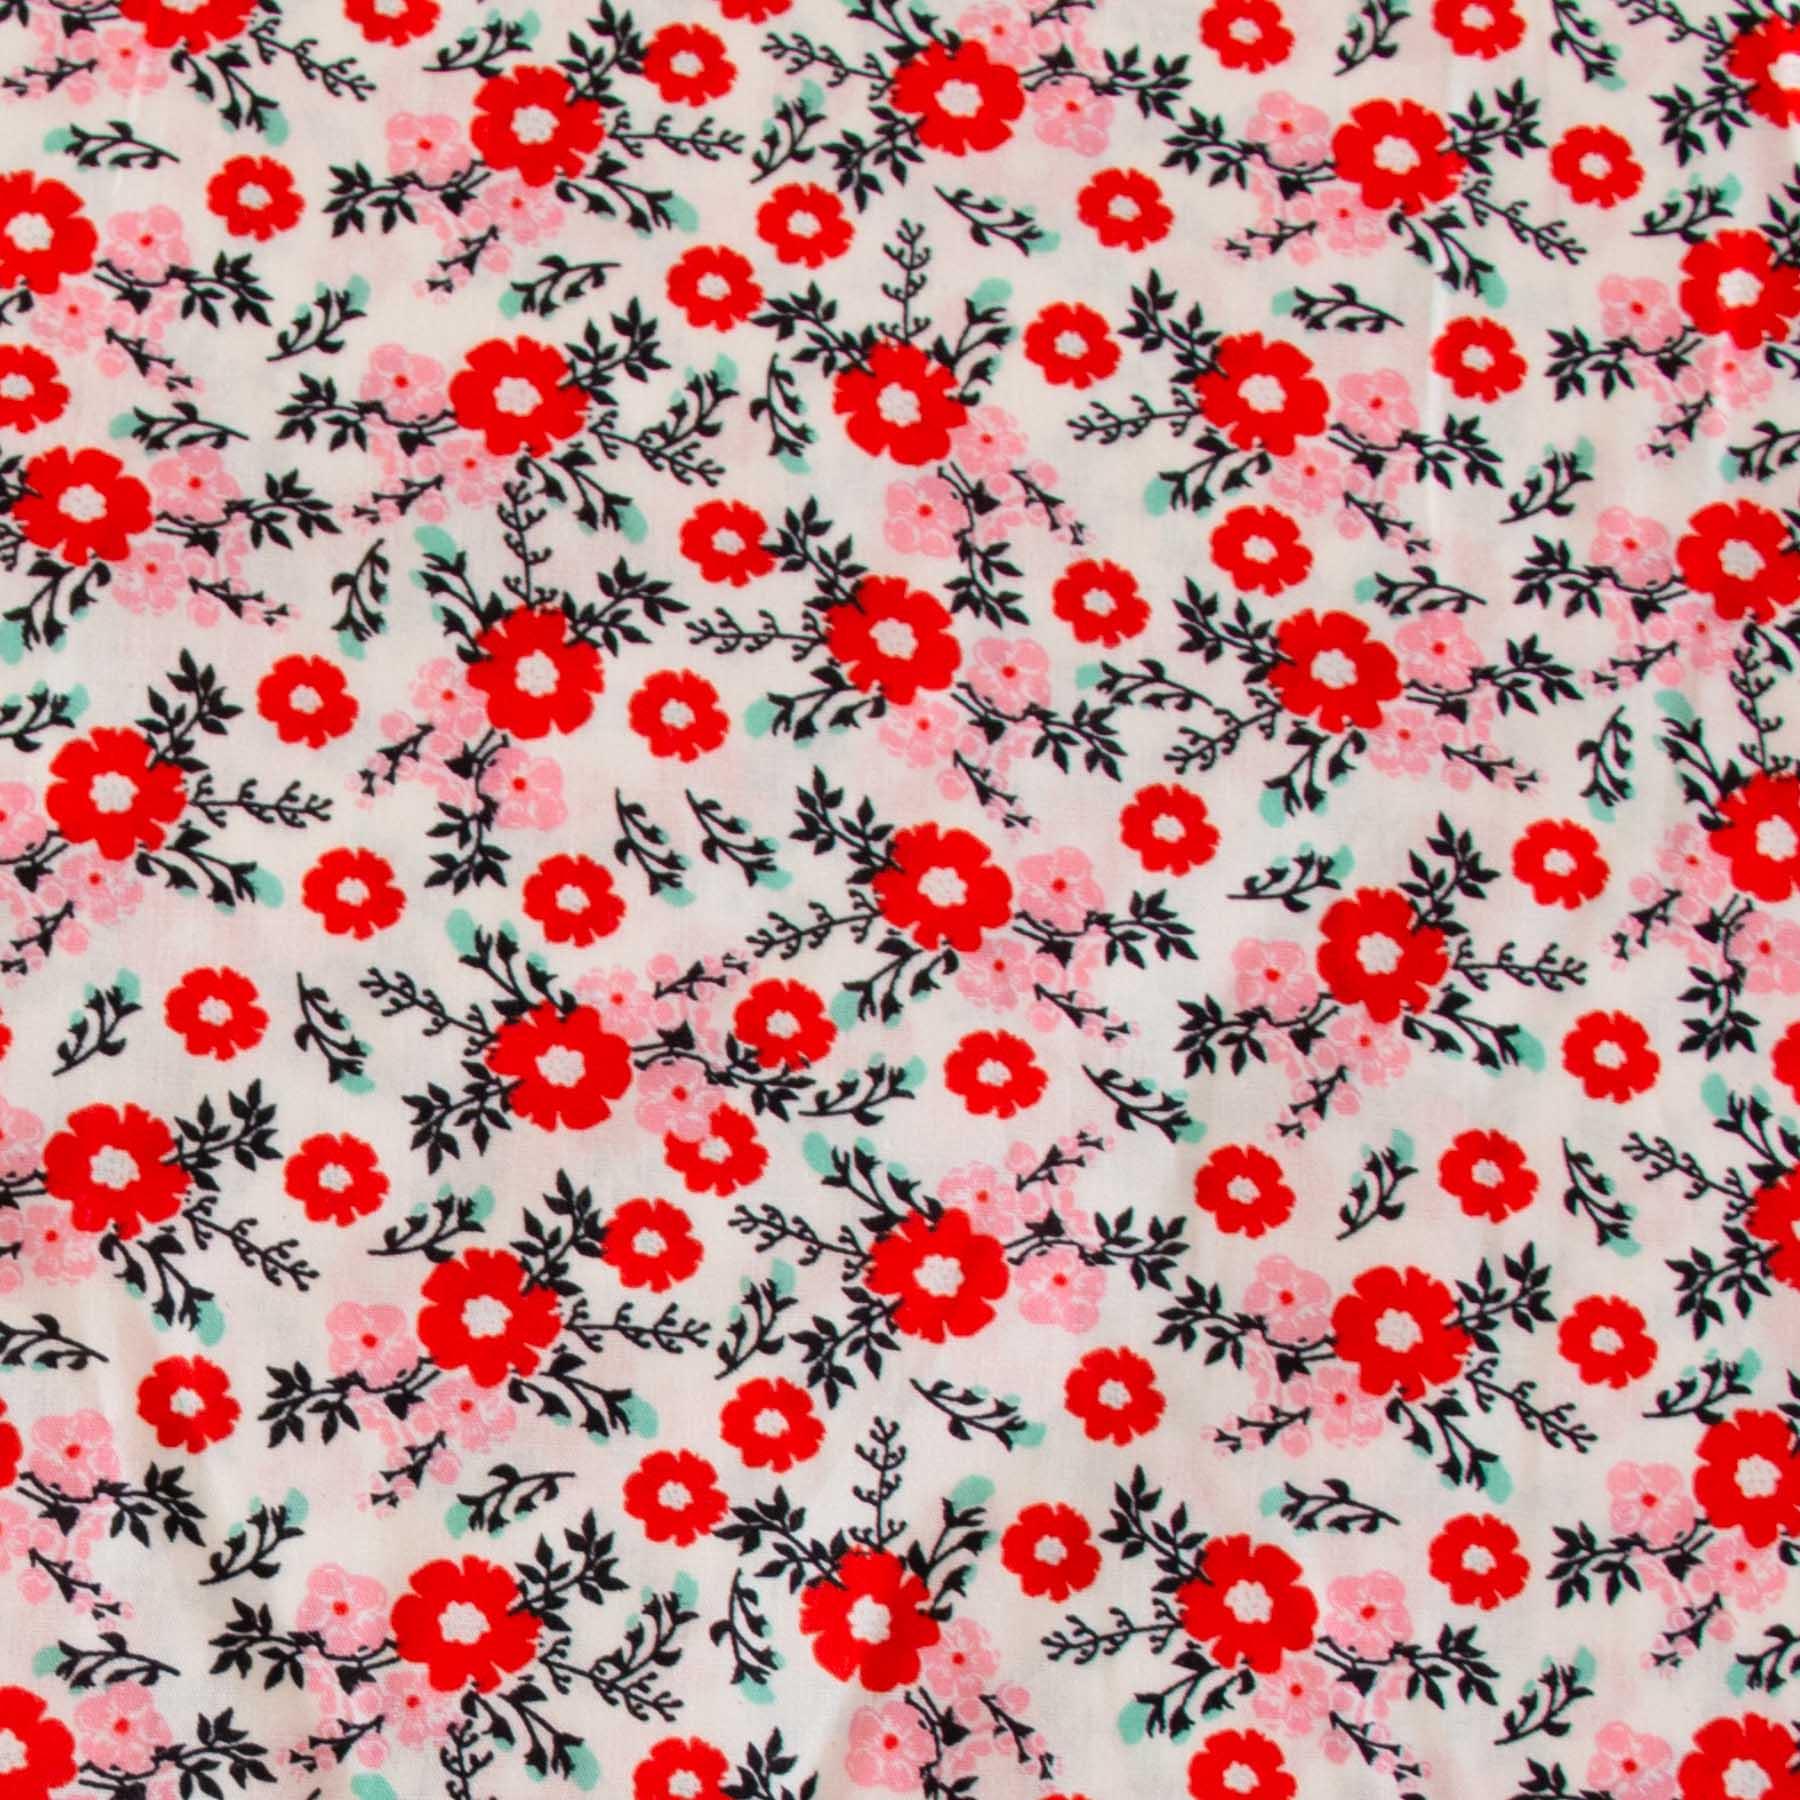 Tecido Tricoline estampado Floral vermelho e rosa fundo off white